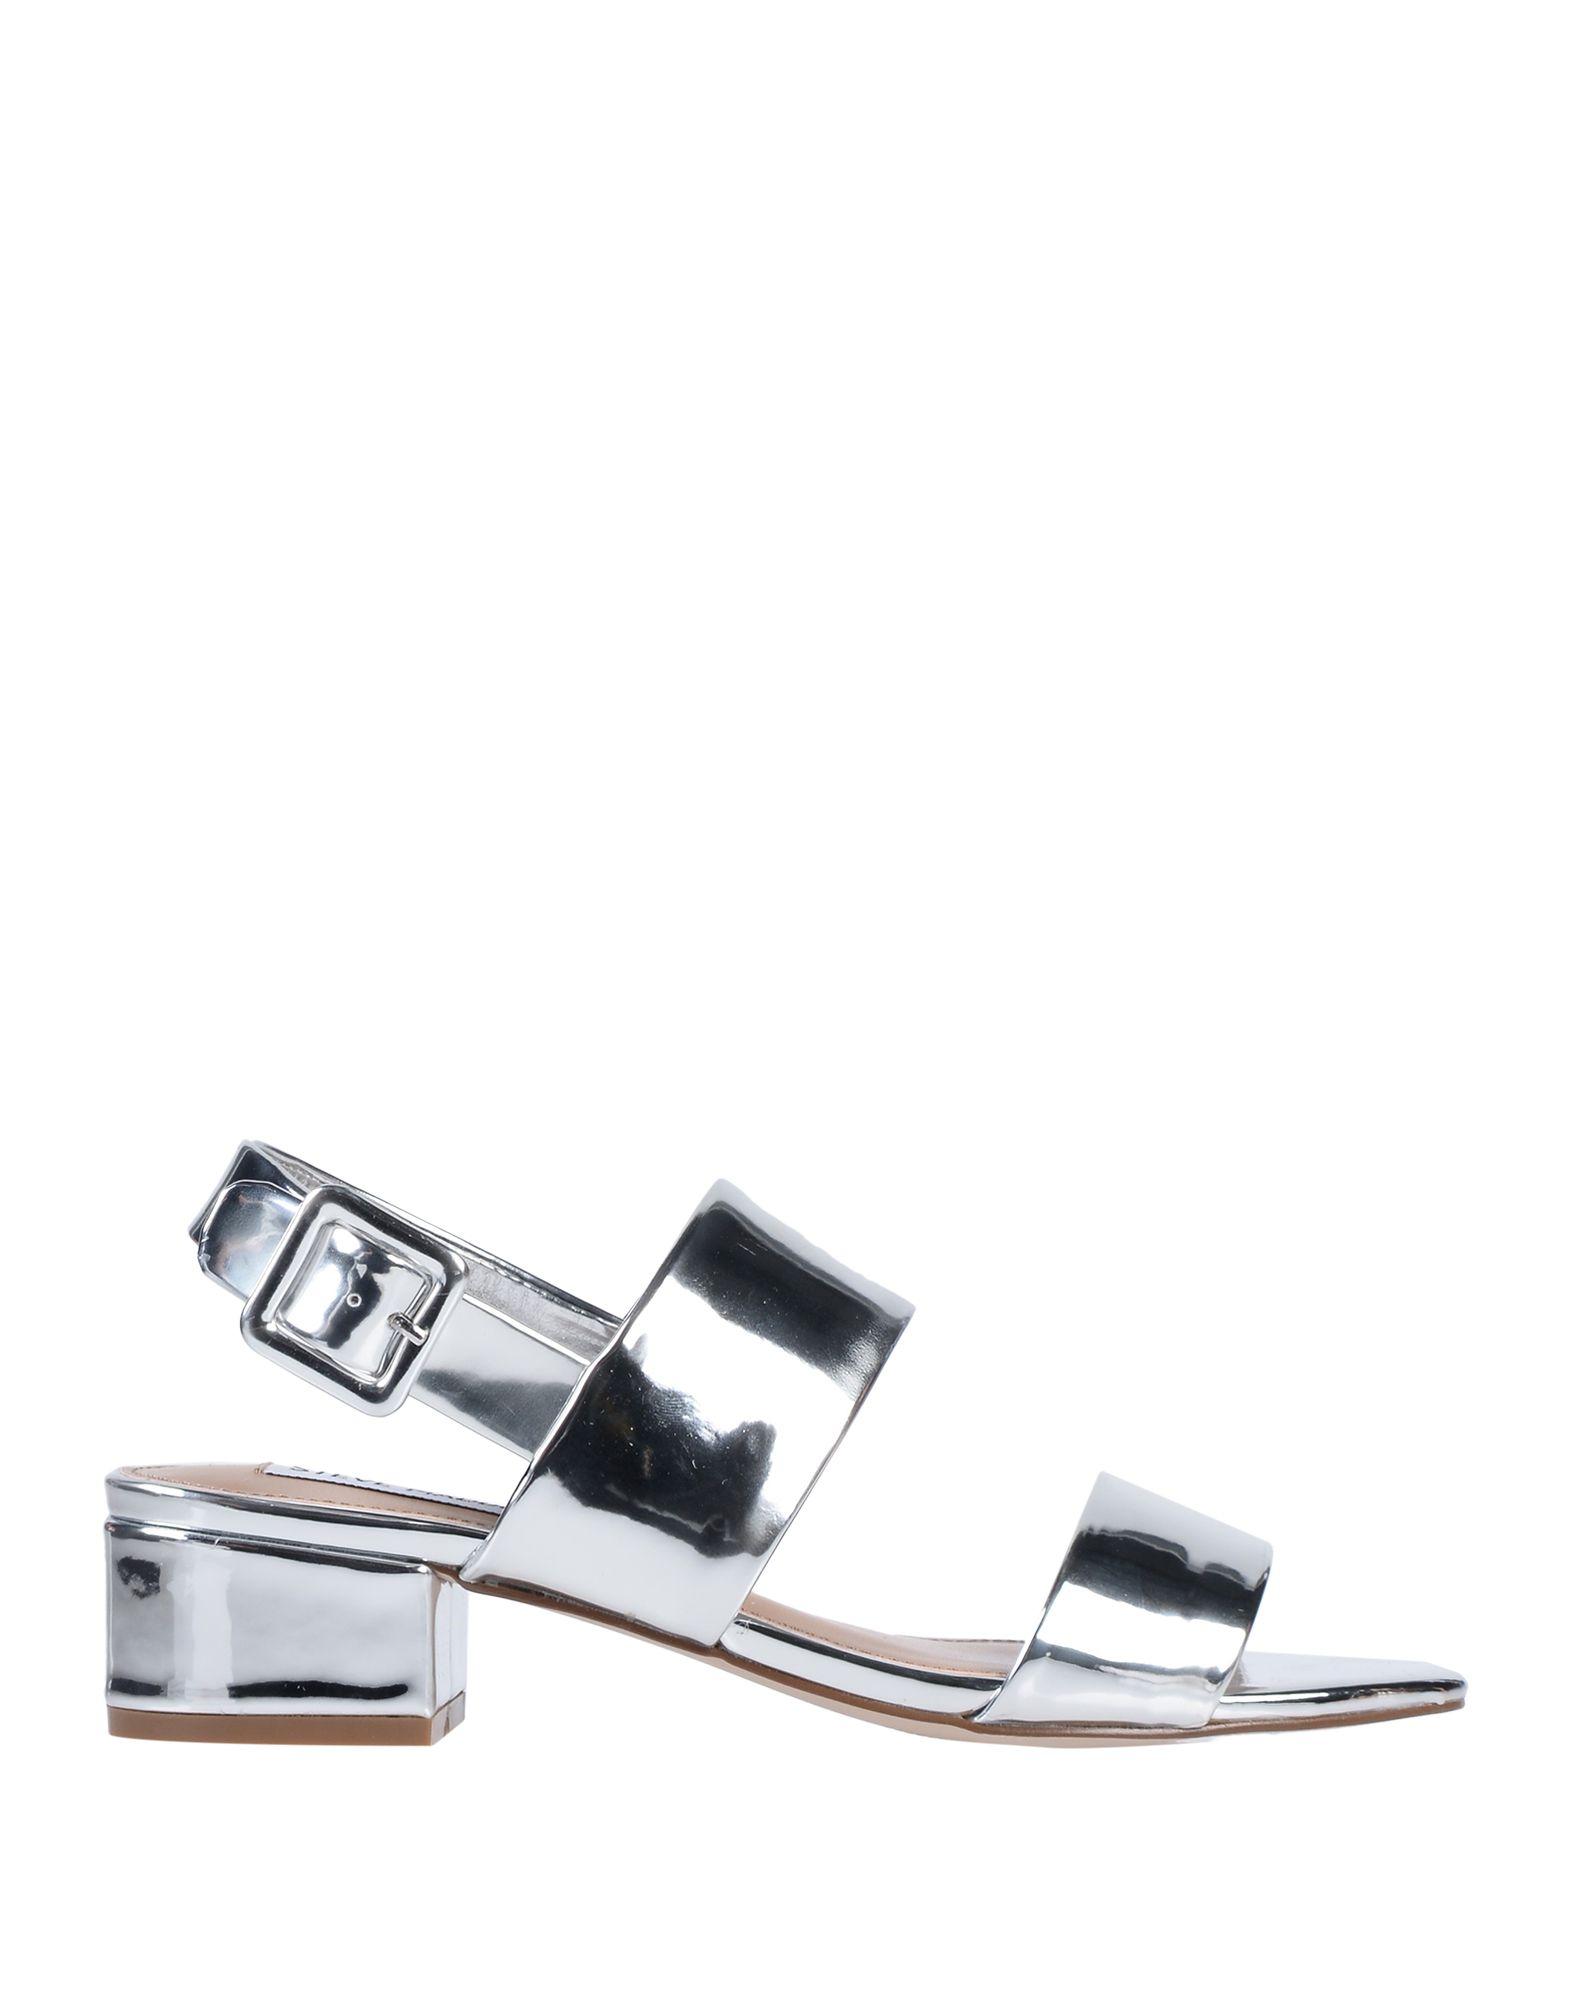 мужские туфли 47 размера